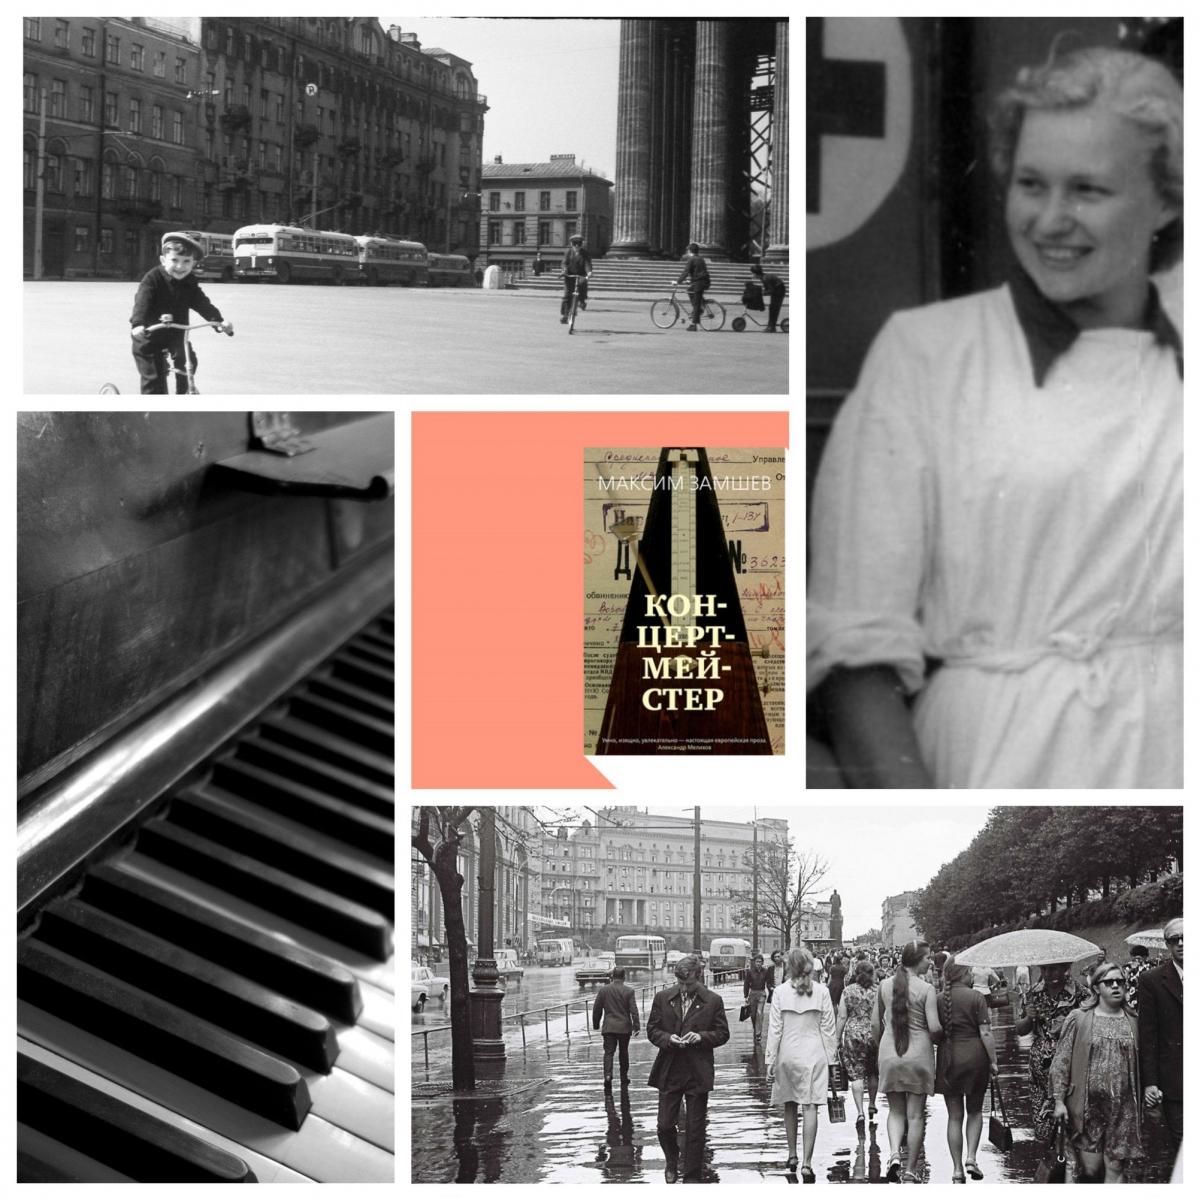 Критики назвали роман Замшева «Концертмейстер» книгой о том, как оставаться Человеком